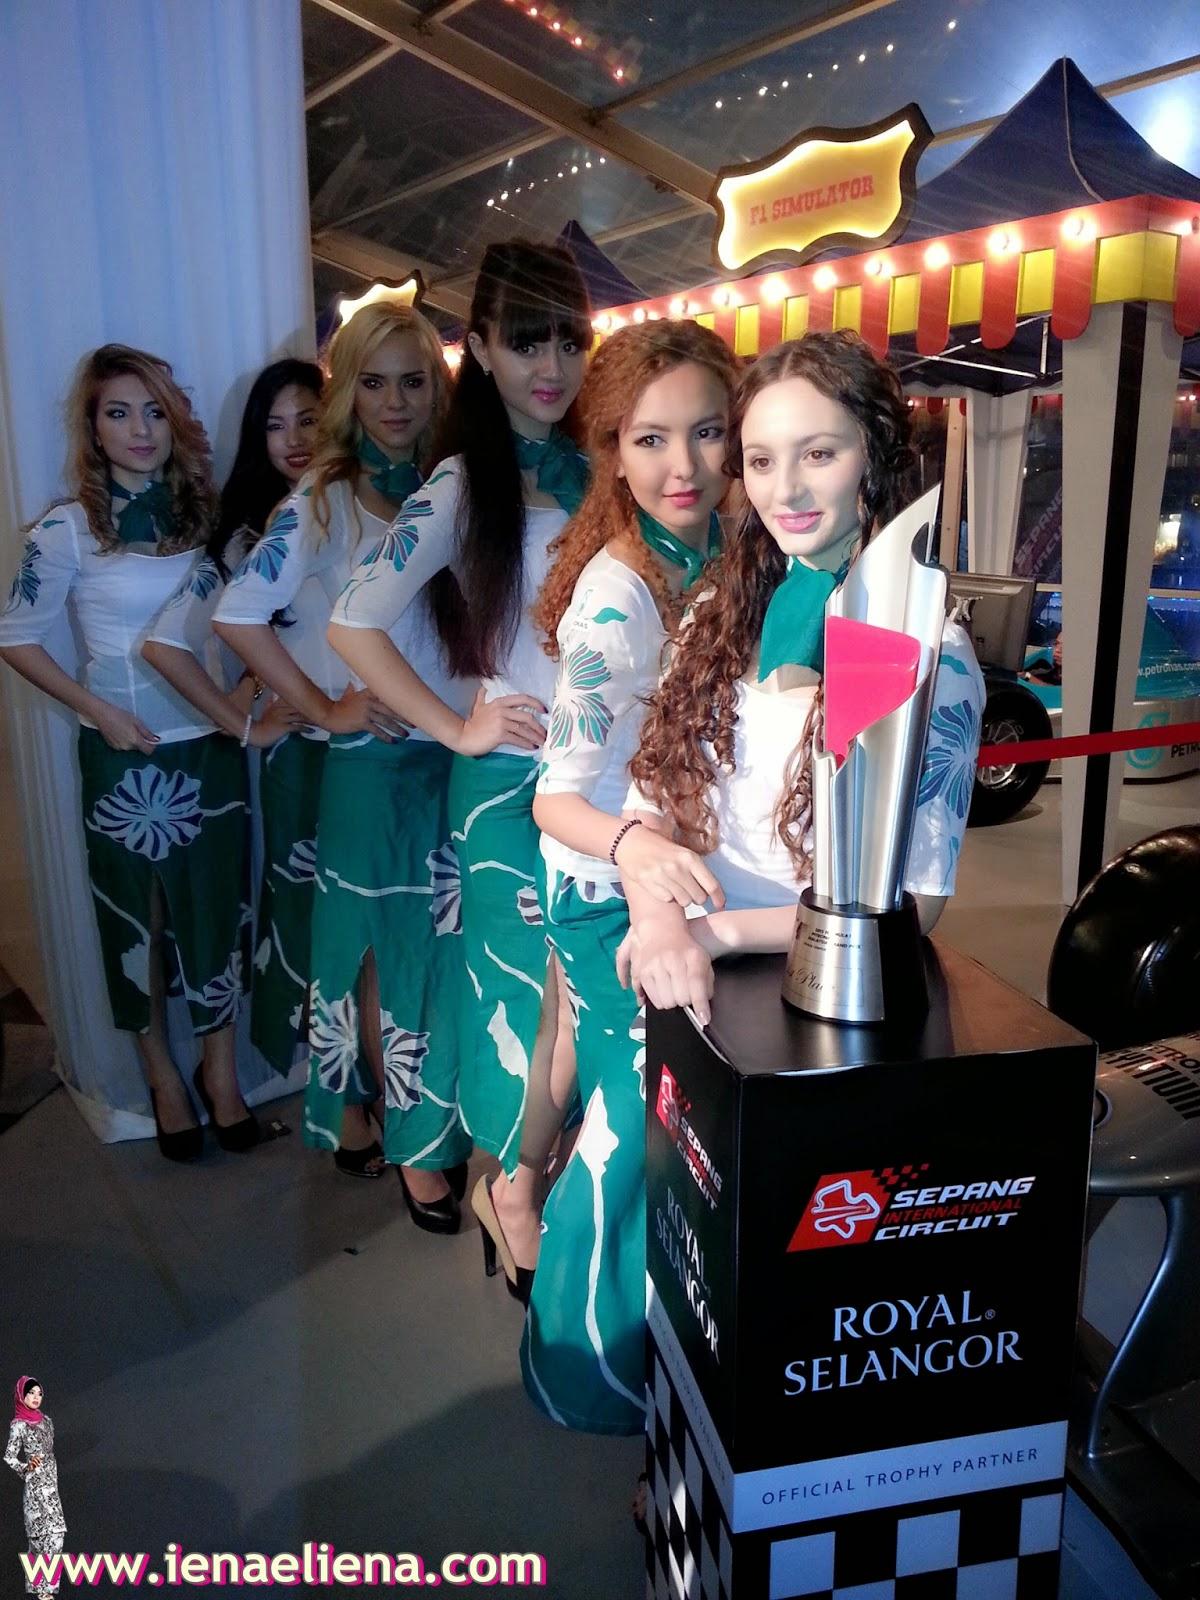 Trofi Kemenangan untuk 2015 Formula 1 PETRONAS Malaysia Grand Prix™ yang diukir oleh Royal Selangor